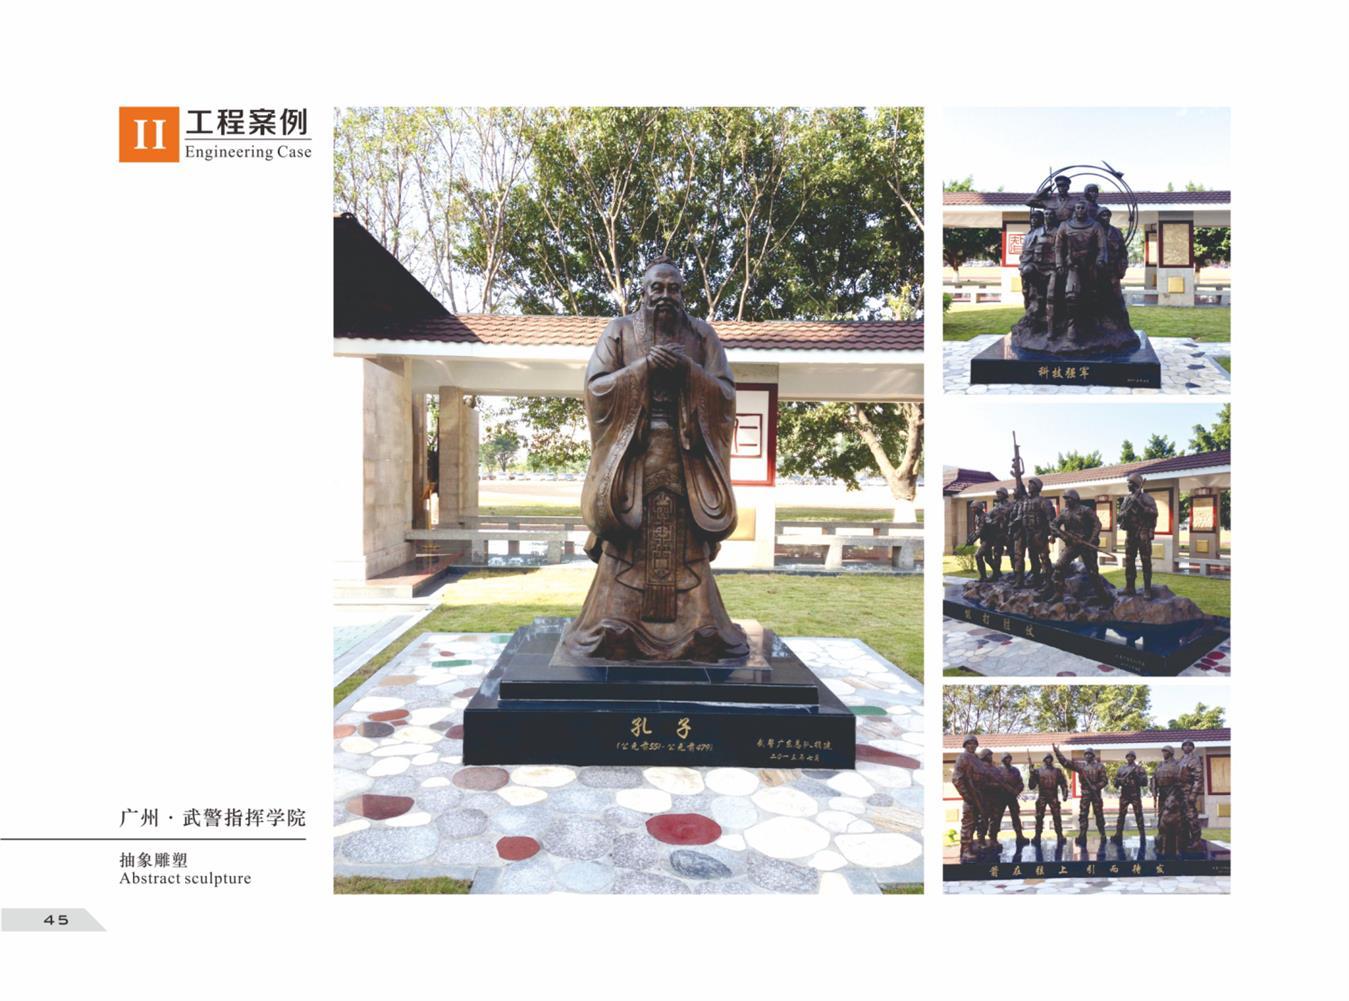 校园雕塑+校园雕塑定制 源头雕塑工厂直供